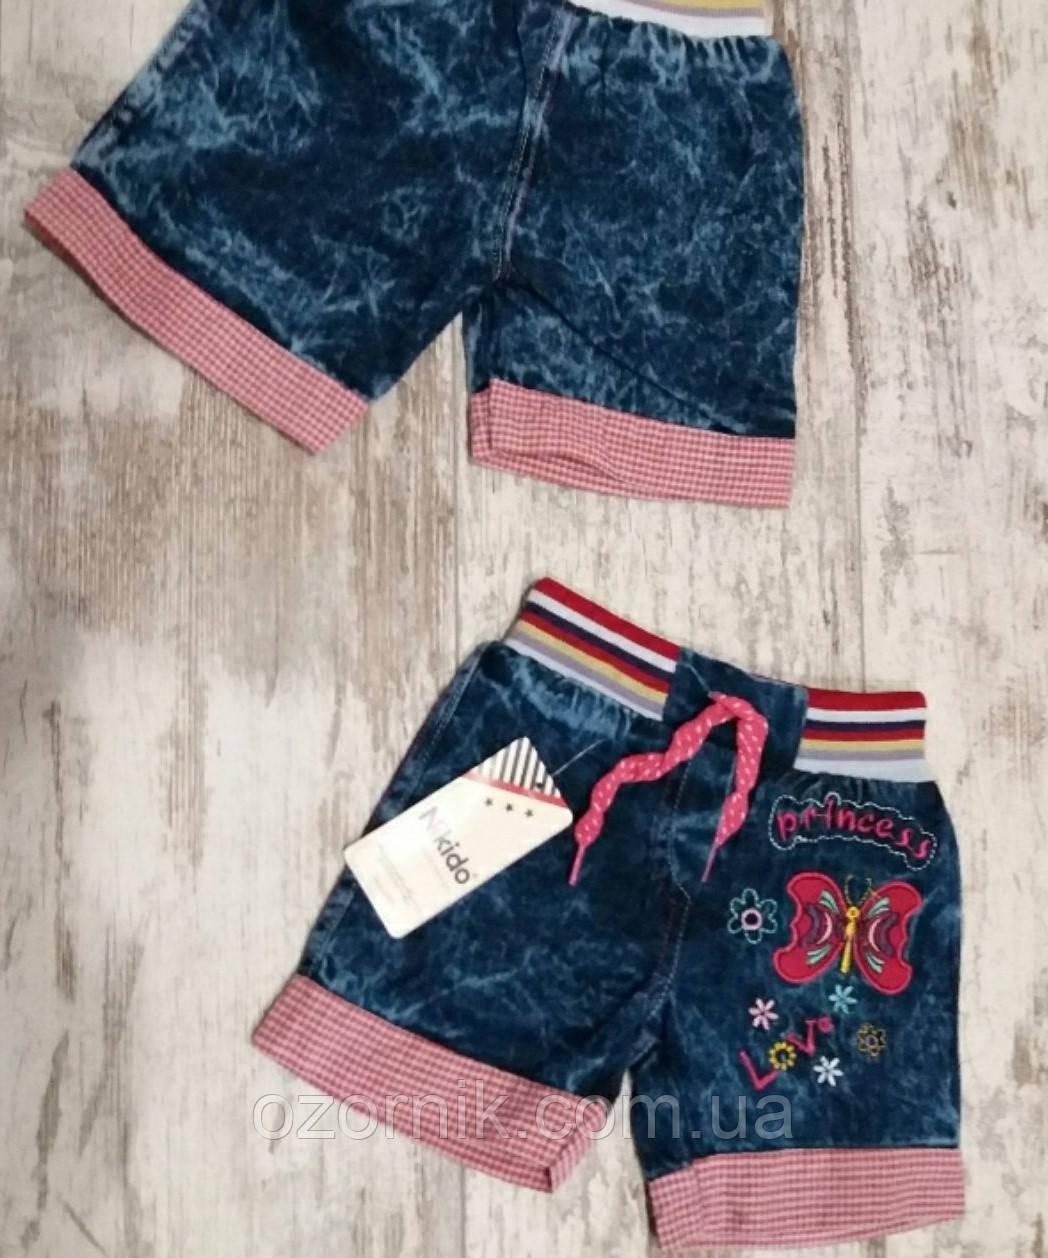 Оптом Шорти джинсові легкі для дівчаток Метелик 1-5 років Nikido Туреччина.